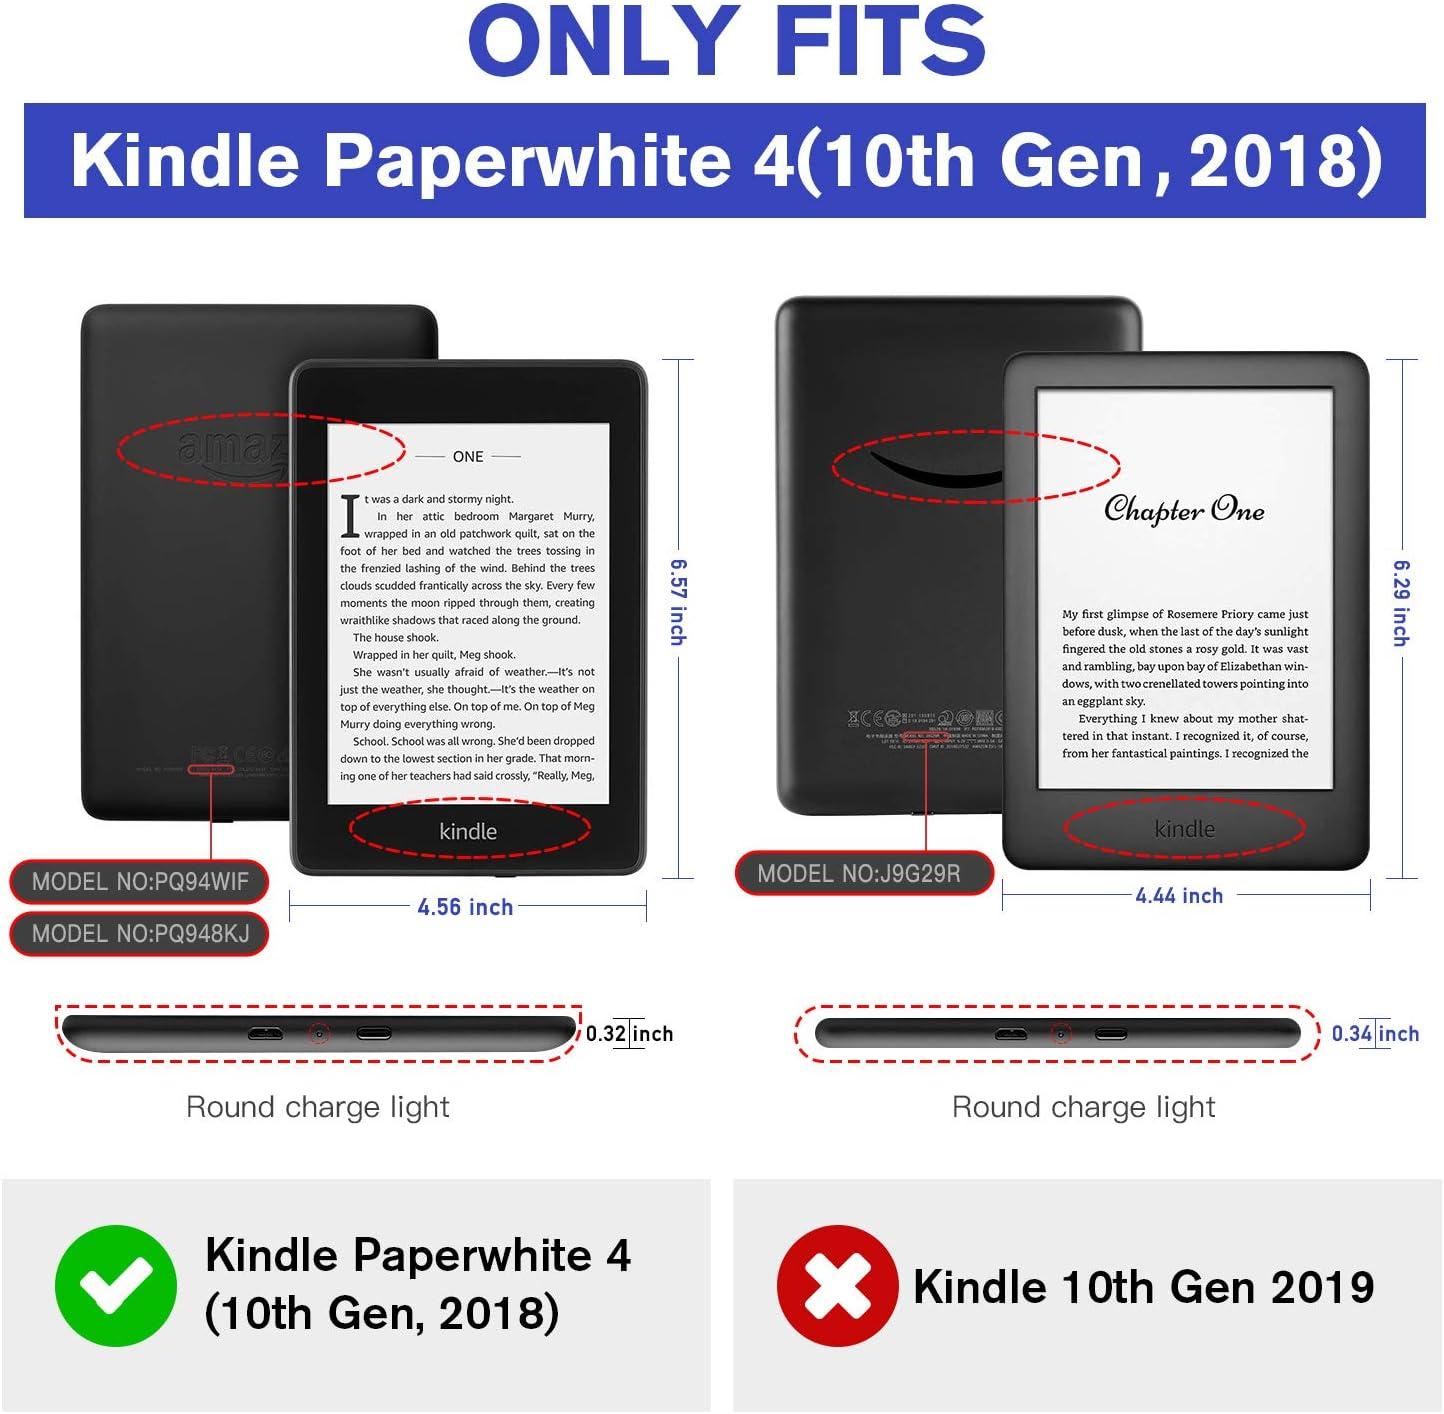 Funda de Cuero PU con Correa de Mano El Elefante con activaci/ón//suspensi/ón autom/ática Estuche Plegable OLAIKE Solo para Kindle Paperwhite 10th Generation 2018 lanzado